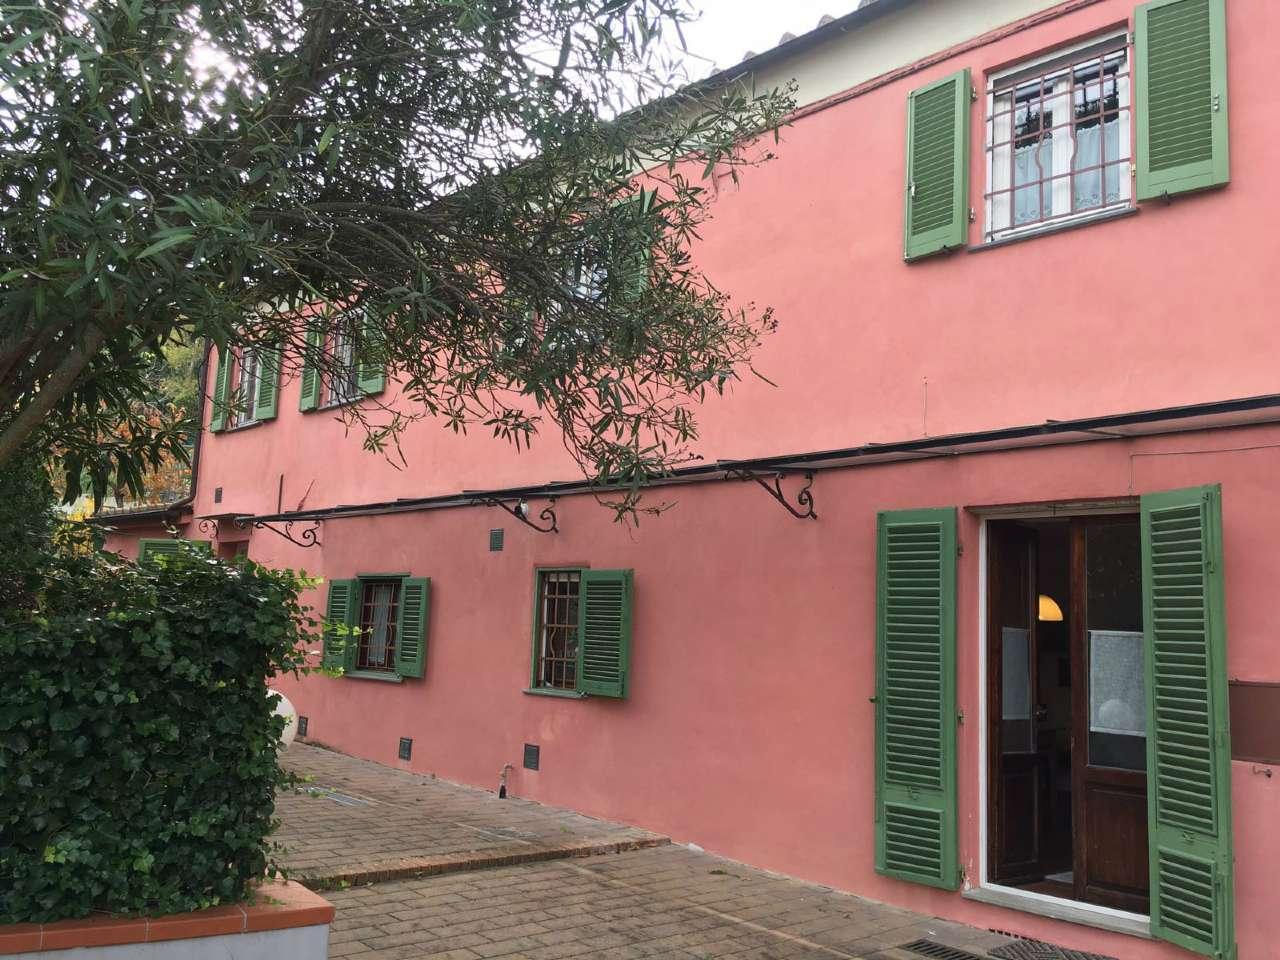 Appartamento in vendita a Livorno, 4 locali, prezzo € 110.000 | Cambio Casa.it